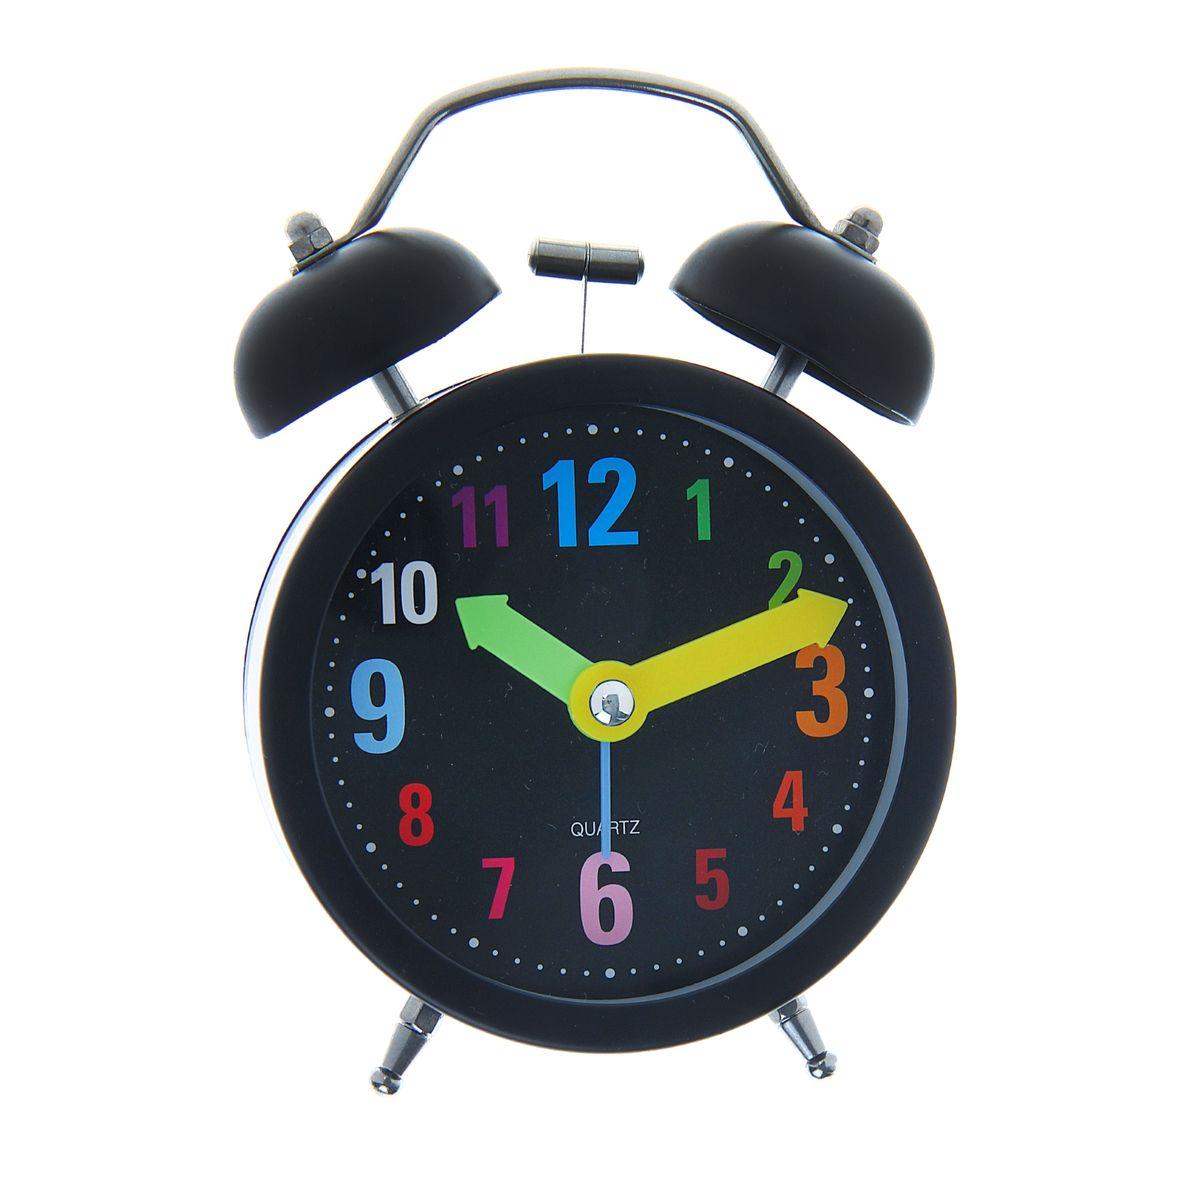 Часы-будильник Sima-land Разноцветные цифрыMRC 4119 P schwarzЯркий и оригинальный будильник Sima-land Разноцветные цифры поможет вам всегда вставать в нужное время и успевать везде и всюду. Корпус будильника выполнен из металла и пластика. Циферблат имеет разноцветные арабские цифры и 3 стрелки - секундную, минутную и часовую. Будильник украсит вашу комнату и приведет в восхищение друзей. Время показывает точно и будит в установленный час.На задней панели будильника расположены переключатель включения/выключения механизма, а также два колесика для настройки текущего времени и времени звонка будильника. Также будильник оснащен кнопкой, при нажатии и удержании которой, подсвечивается циферблат. Будильник работает от 1 батарейки типа AA напряжением 1,5V (не входит в комплект).